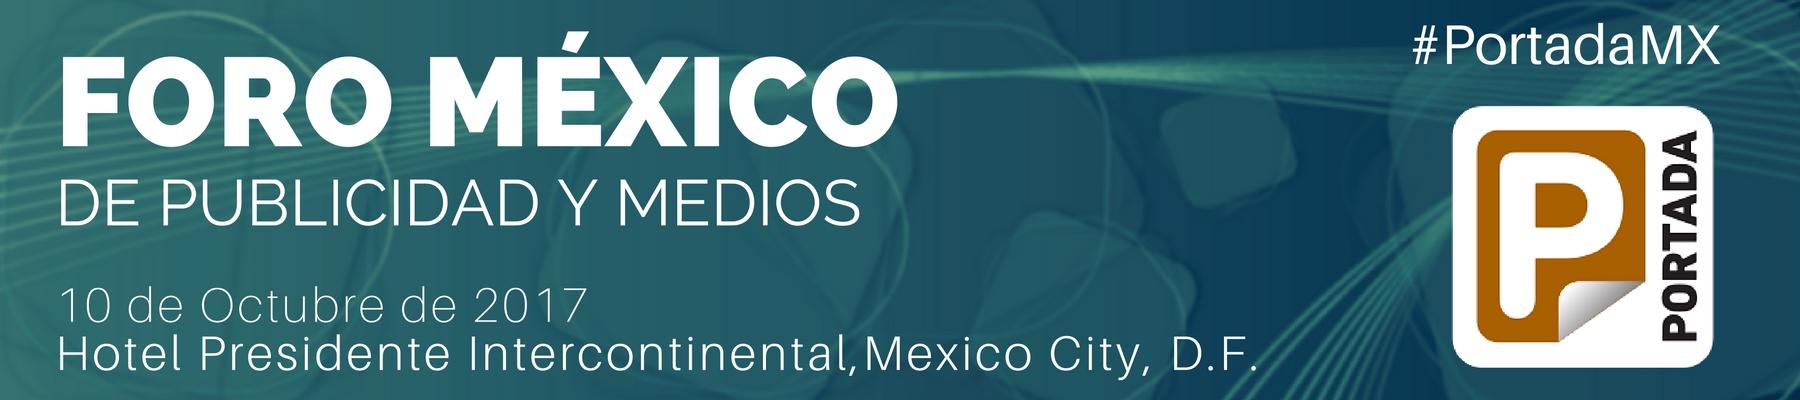 Foro México De Publicidad y Medios, Oct. 10, México City